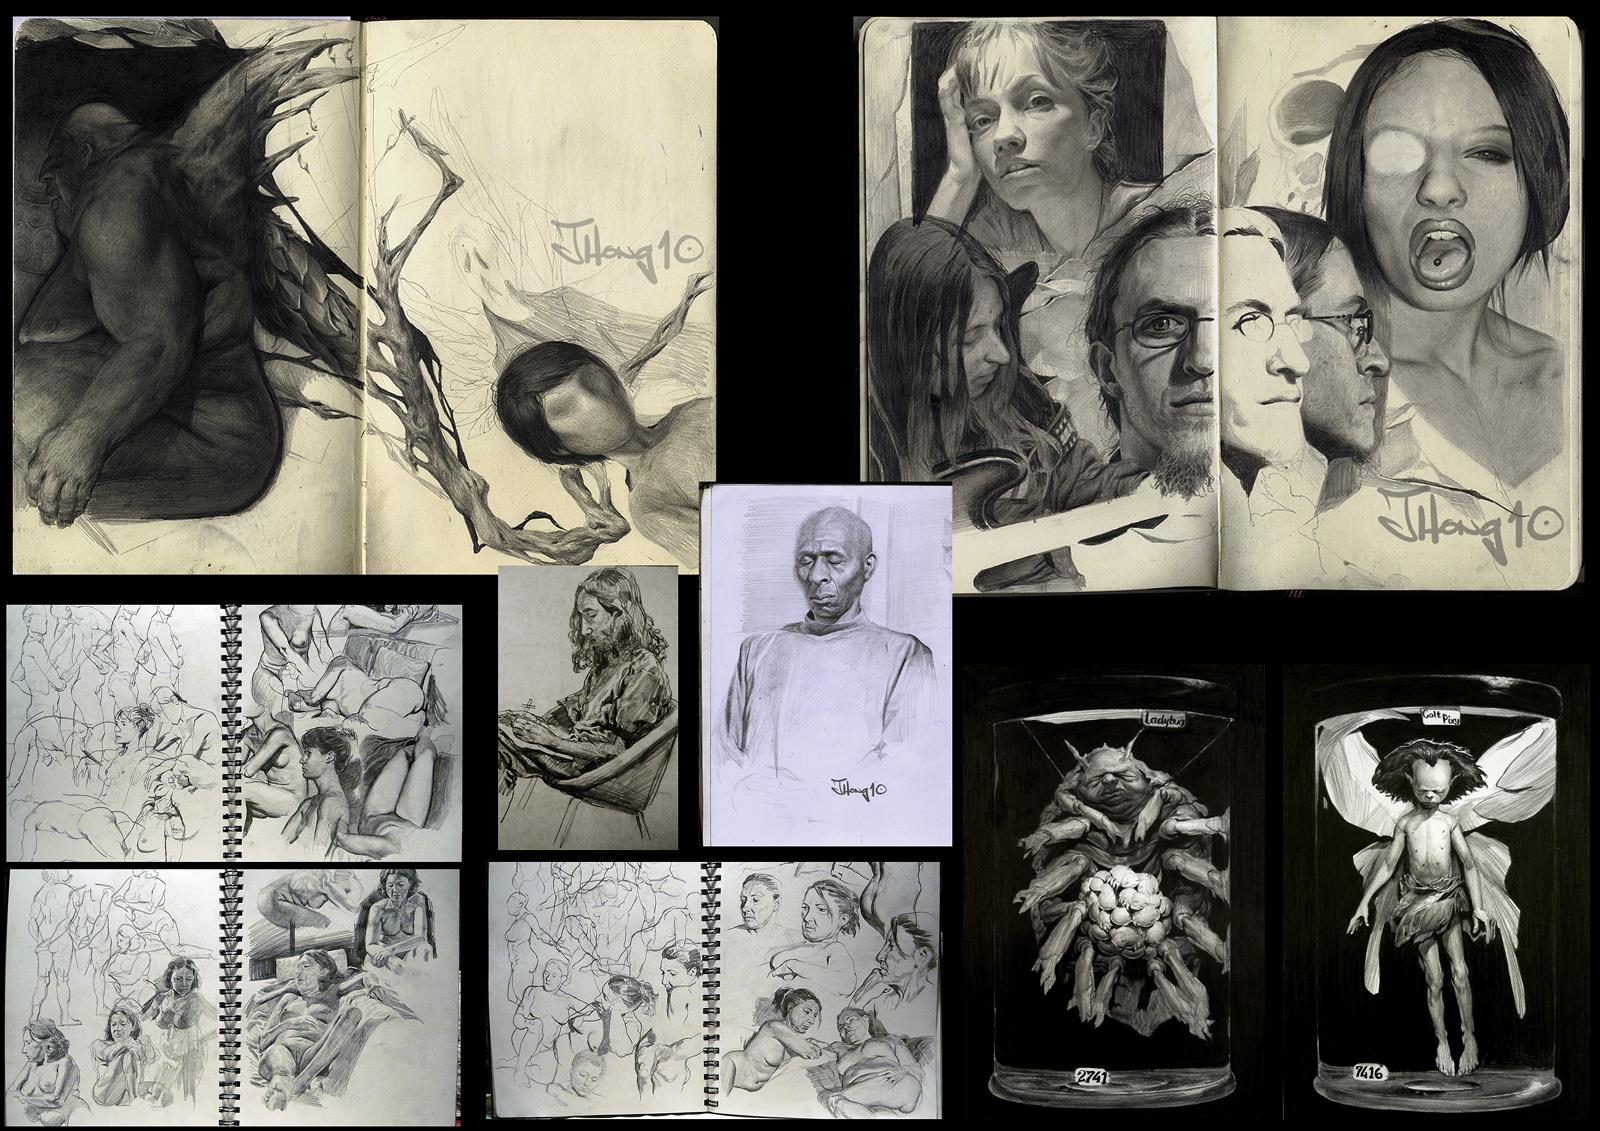 Jason Hong: Ronin freelance artist for hire